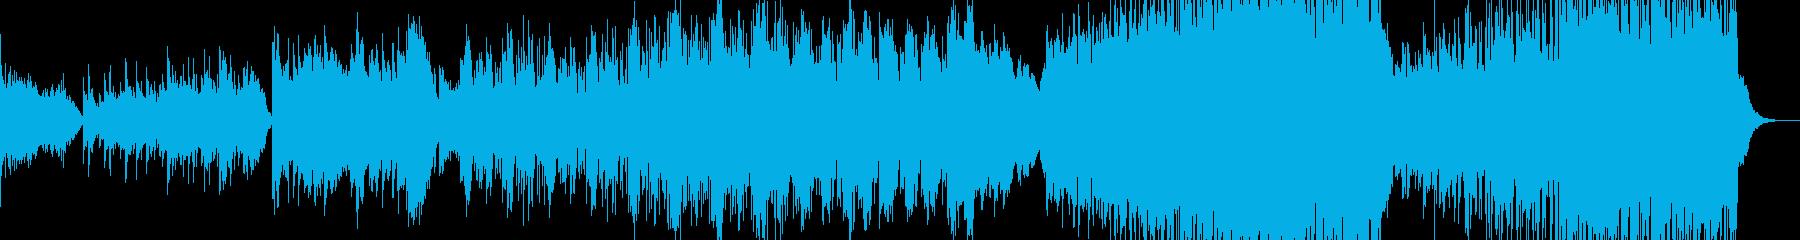 ポップバラード風イージーリスニングの再生済みの波形